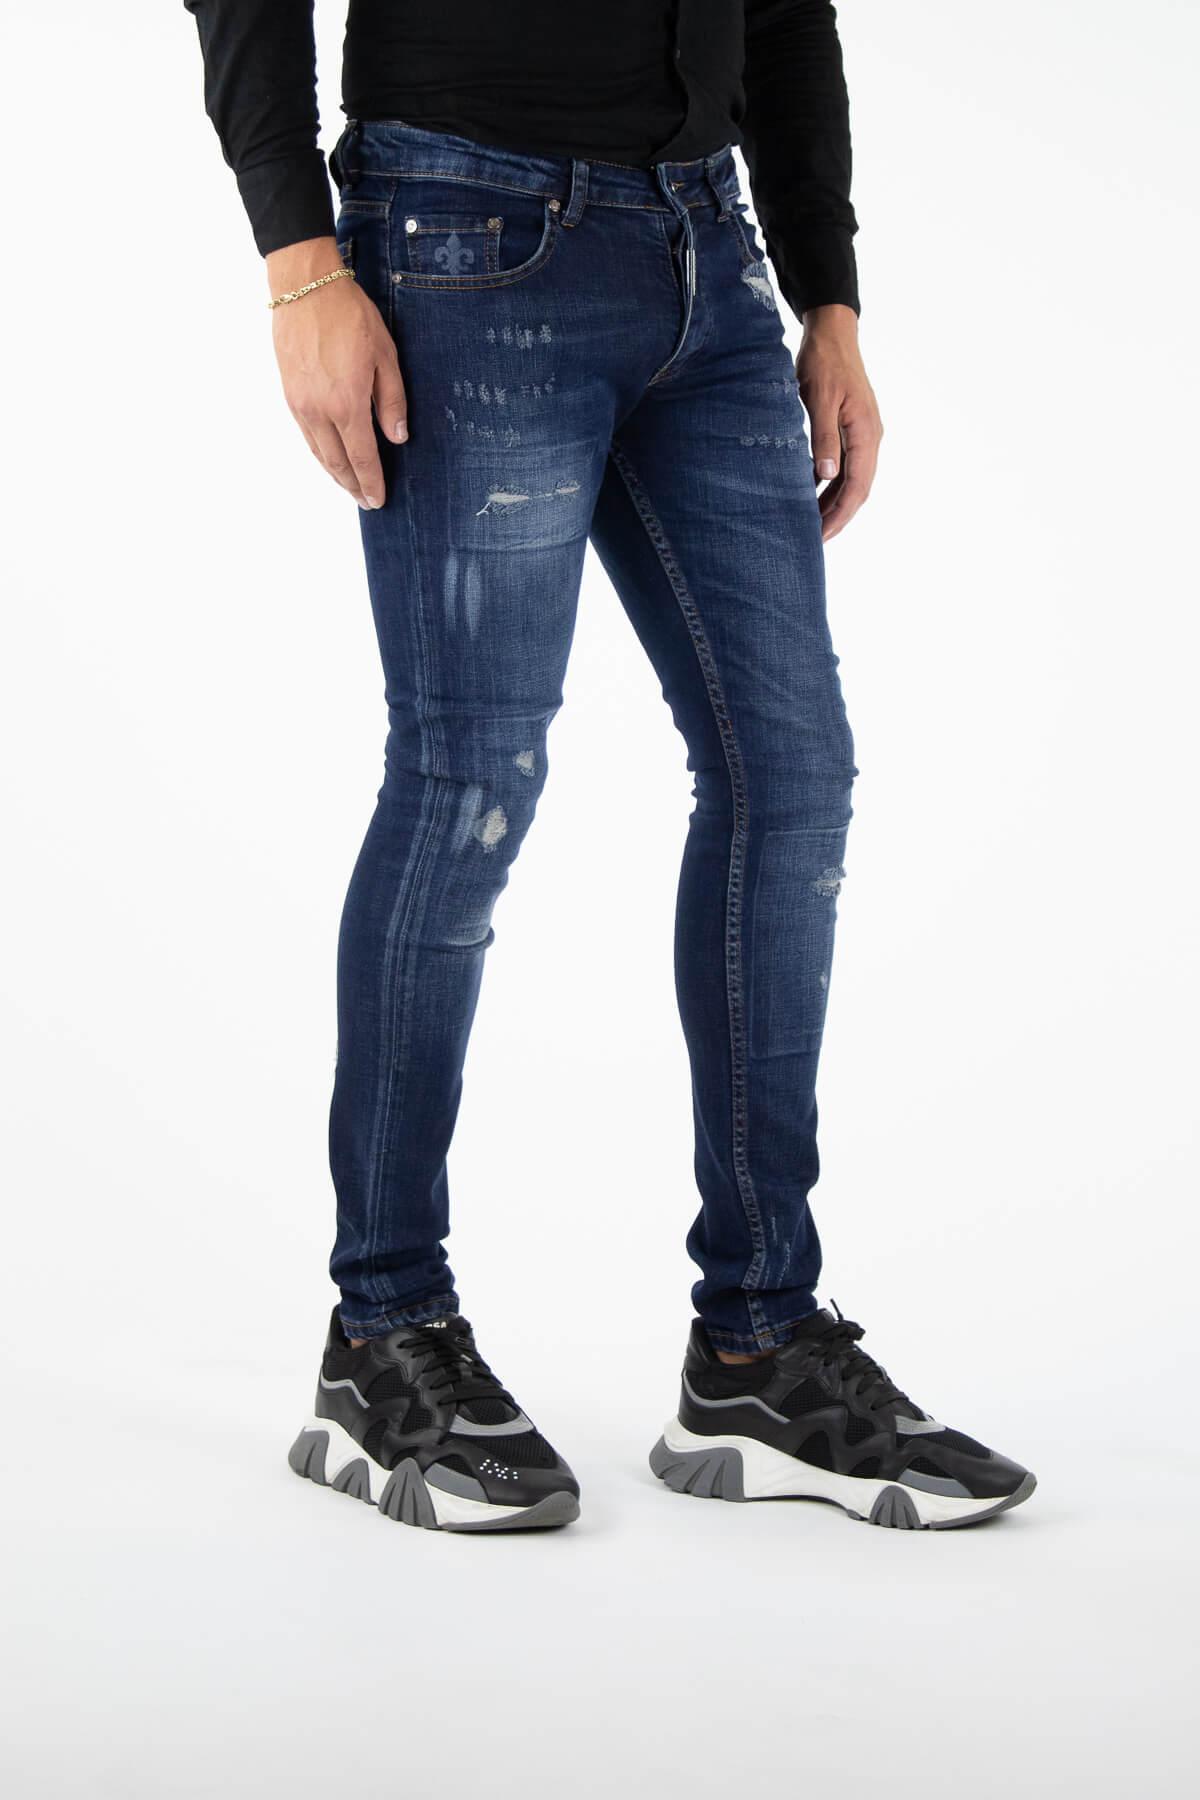 Siena Blue Jeans-2